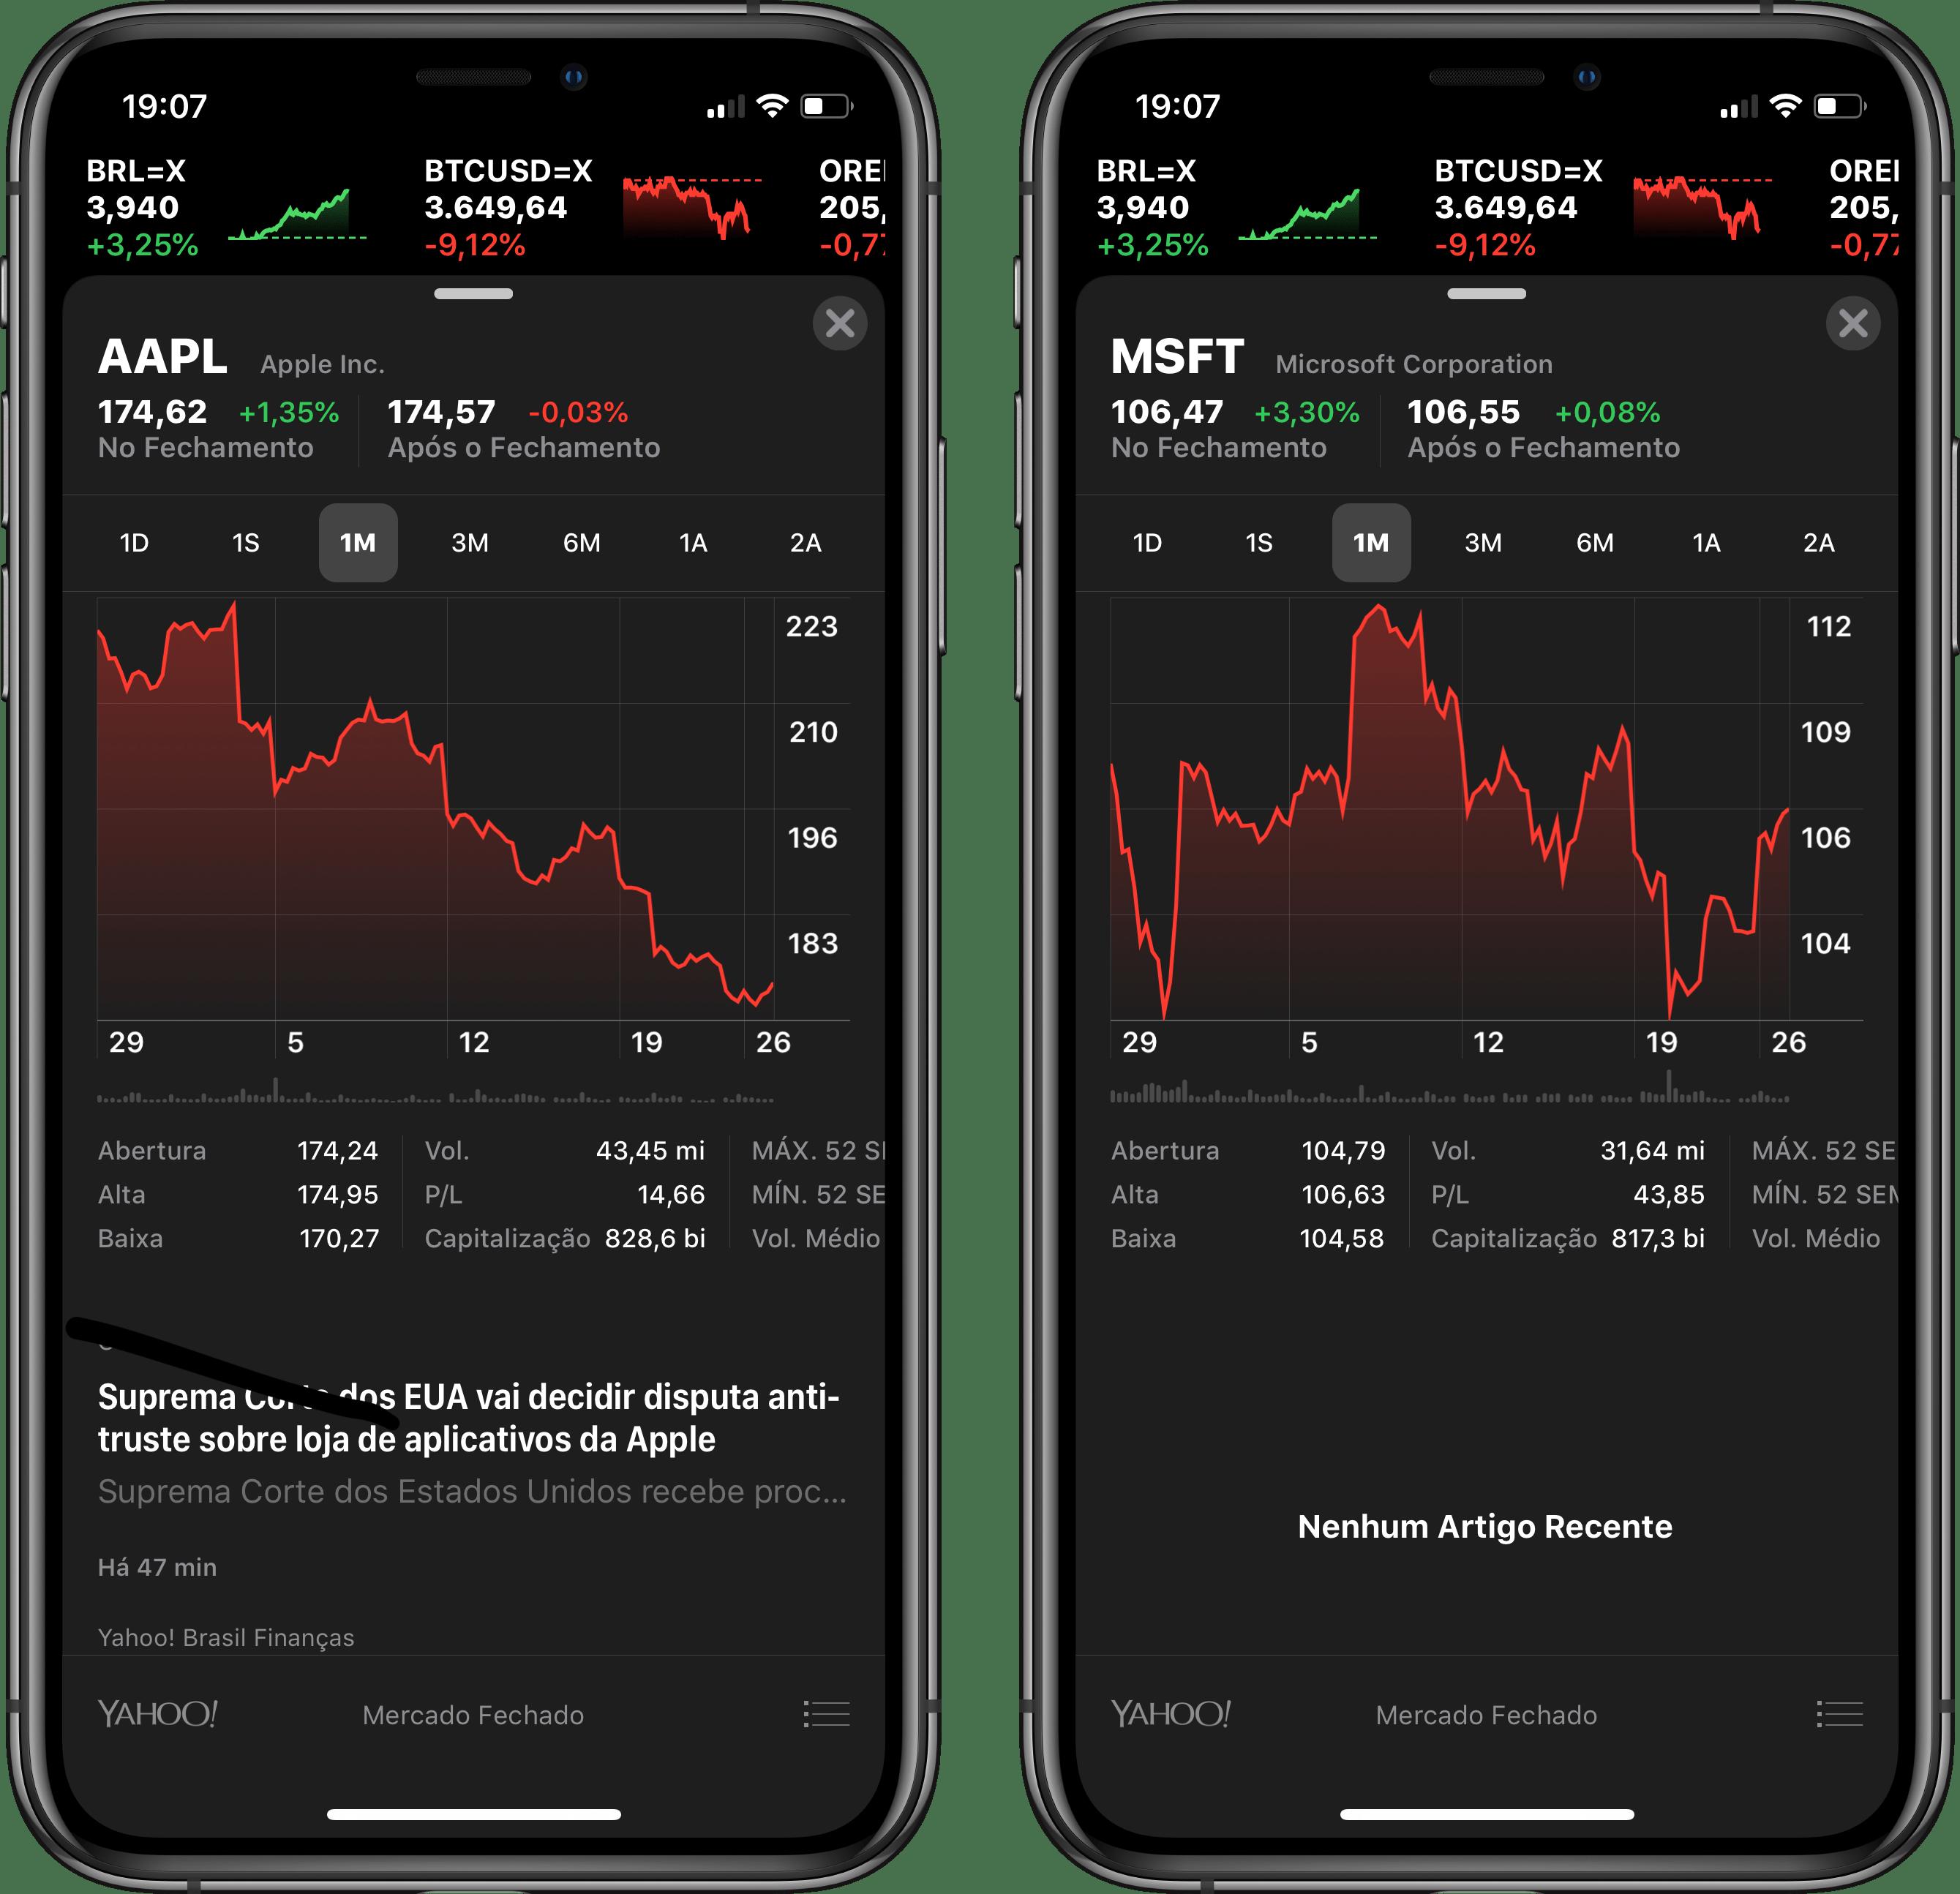 Ações da Apple e da Microsoft